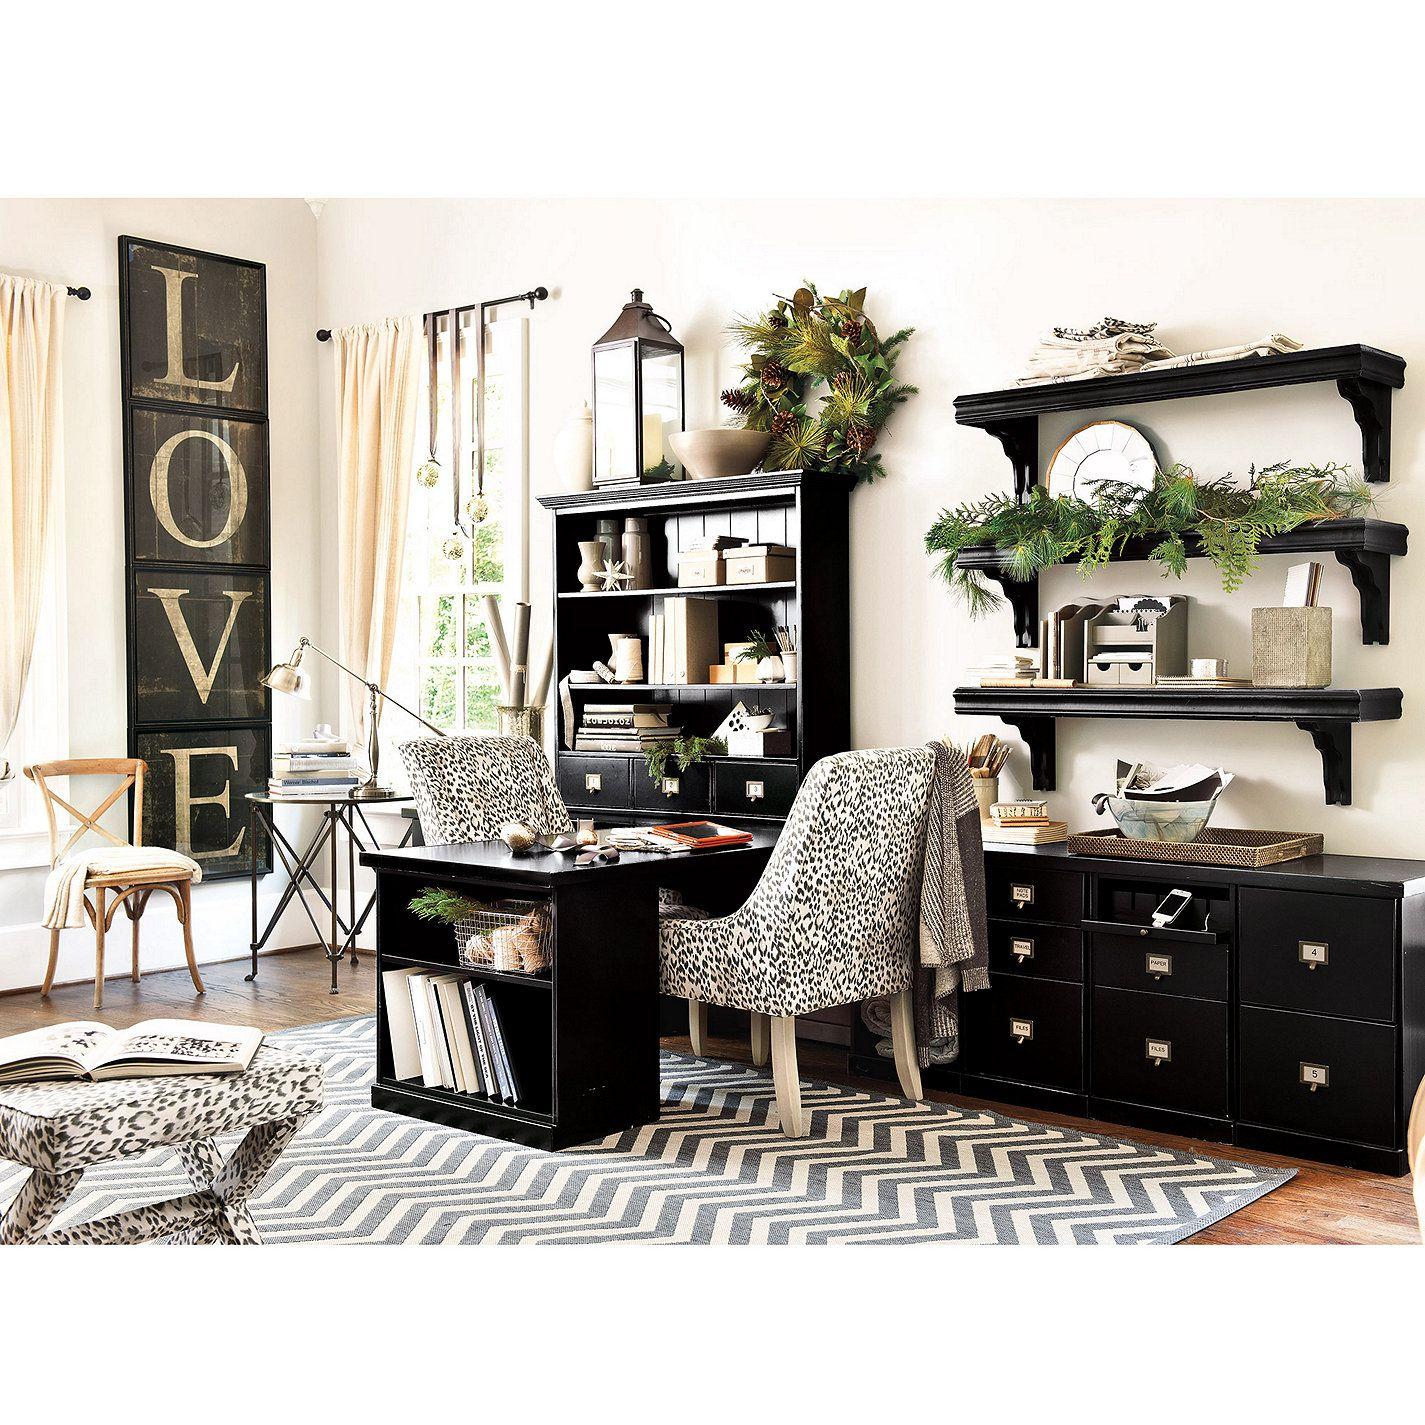 Chevron Stripe Indoor/Outdoor Rug Home office furniture